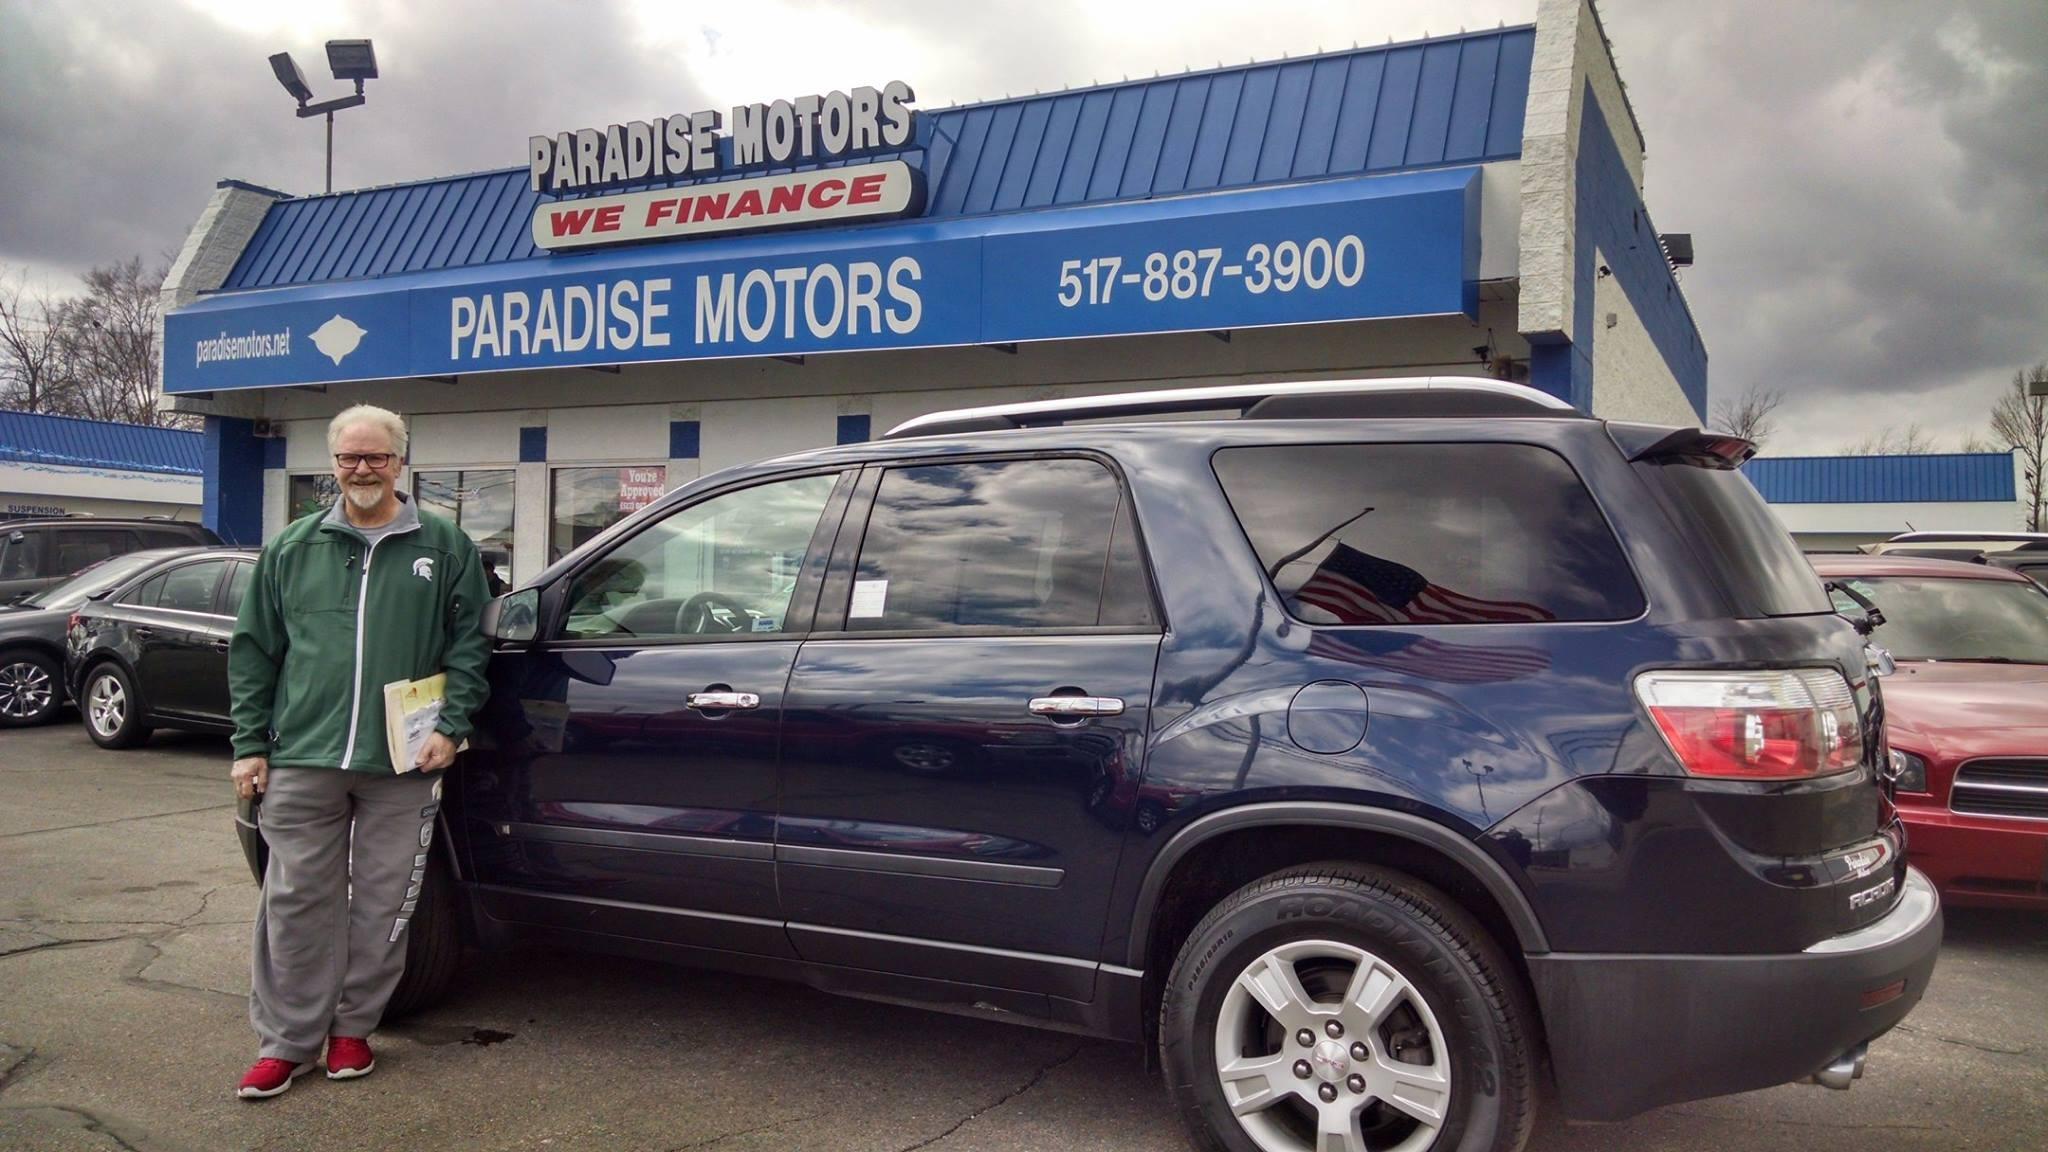 Paradise motor sales in lansing mi 48911 for Motor cars lansing mi